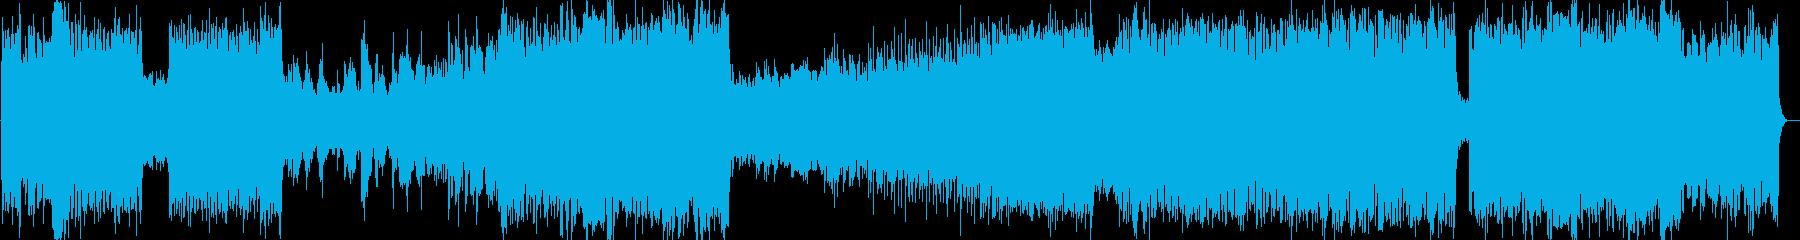 アニソン、ゲーソンのようなかっこいい歌物の再生済みの波形